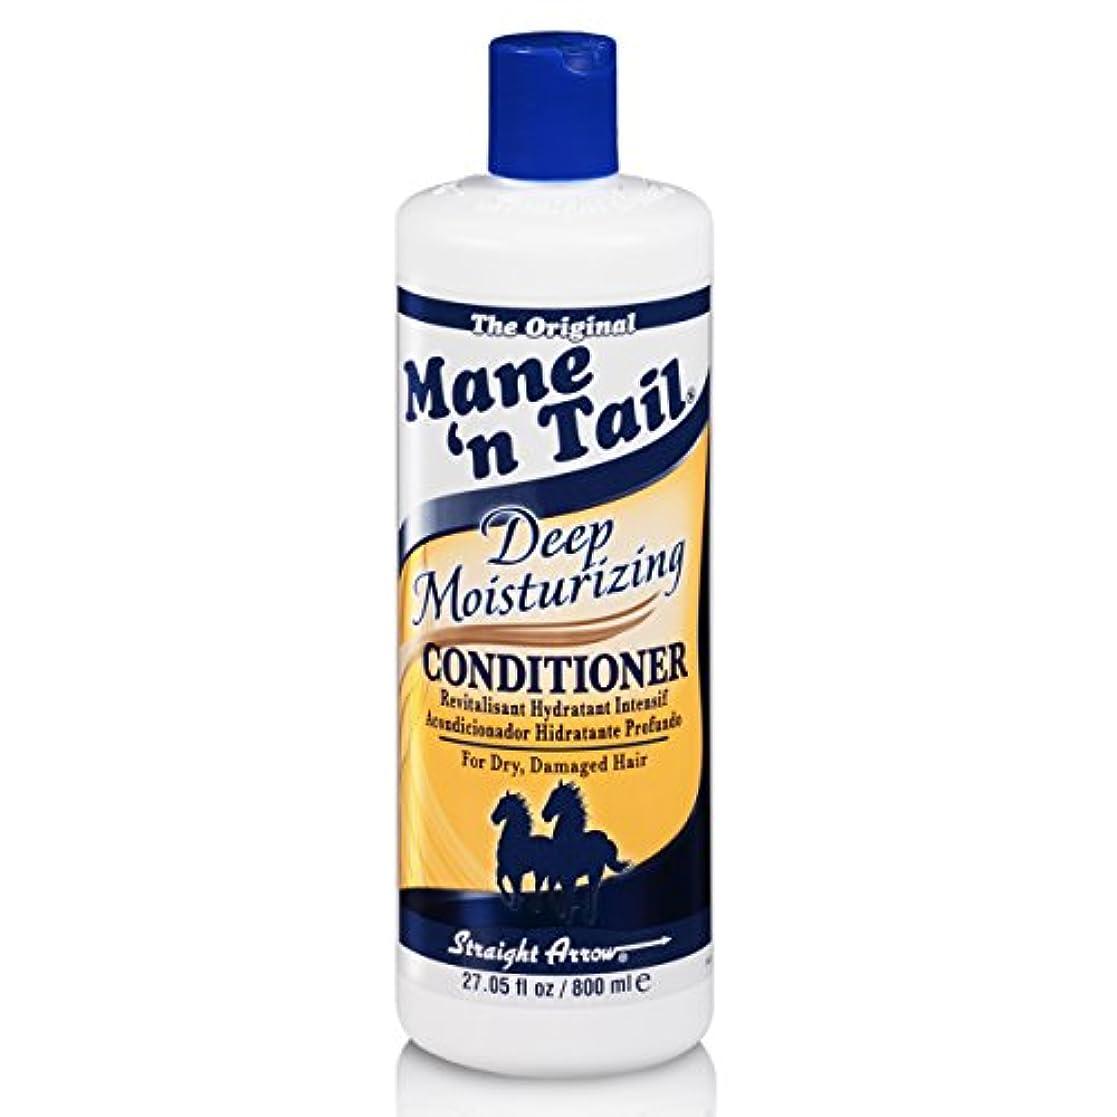 統治可能露口頭Mane 'n Tail 乾燥してダメージヘア27.05オンスを復元するために、ディープモイスチャライジングコンディショナー